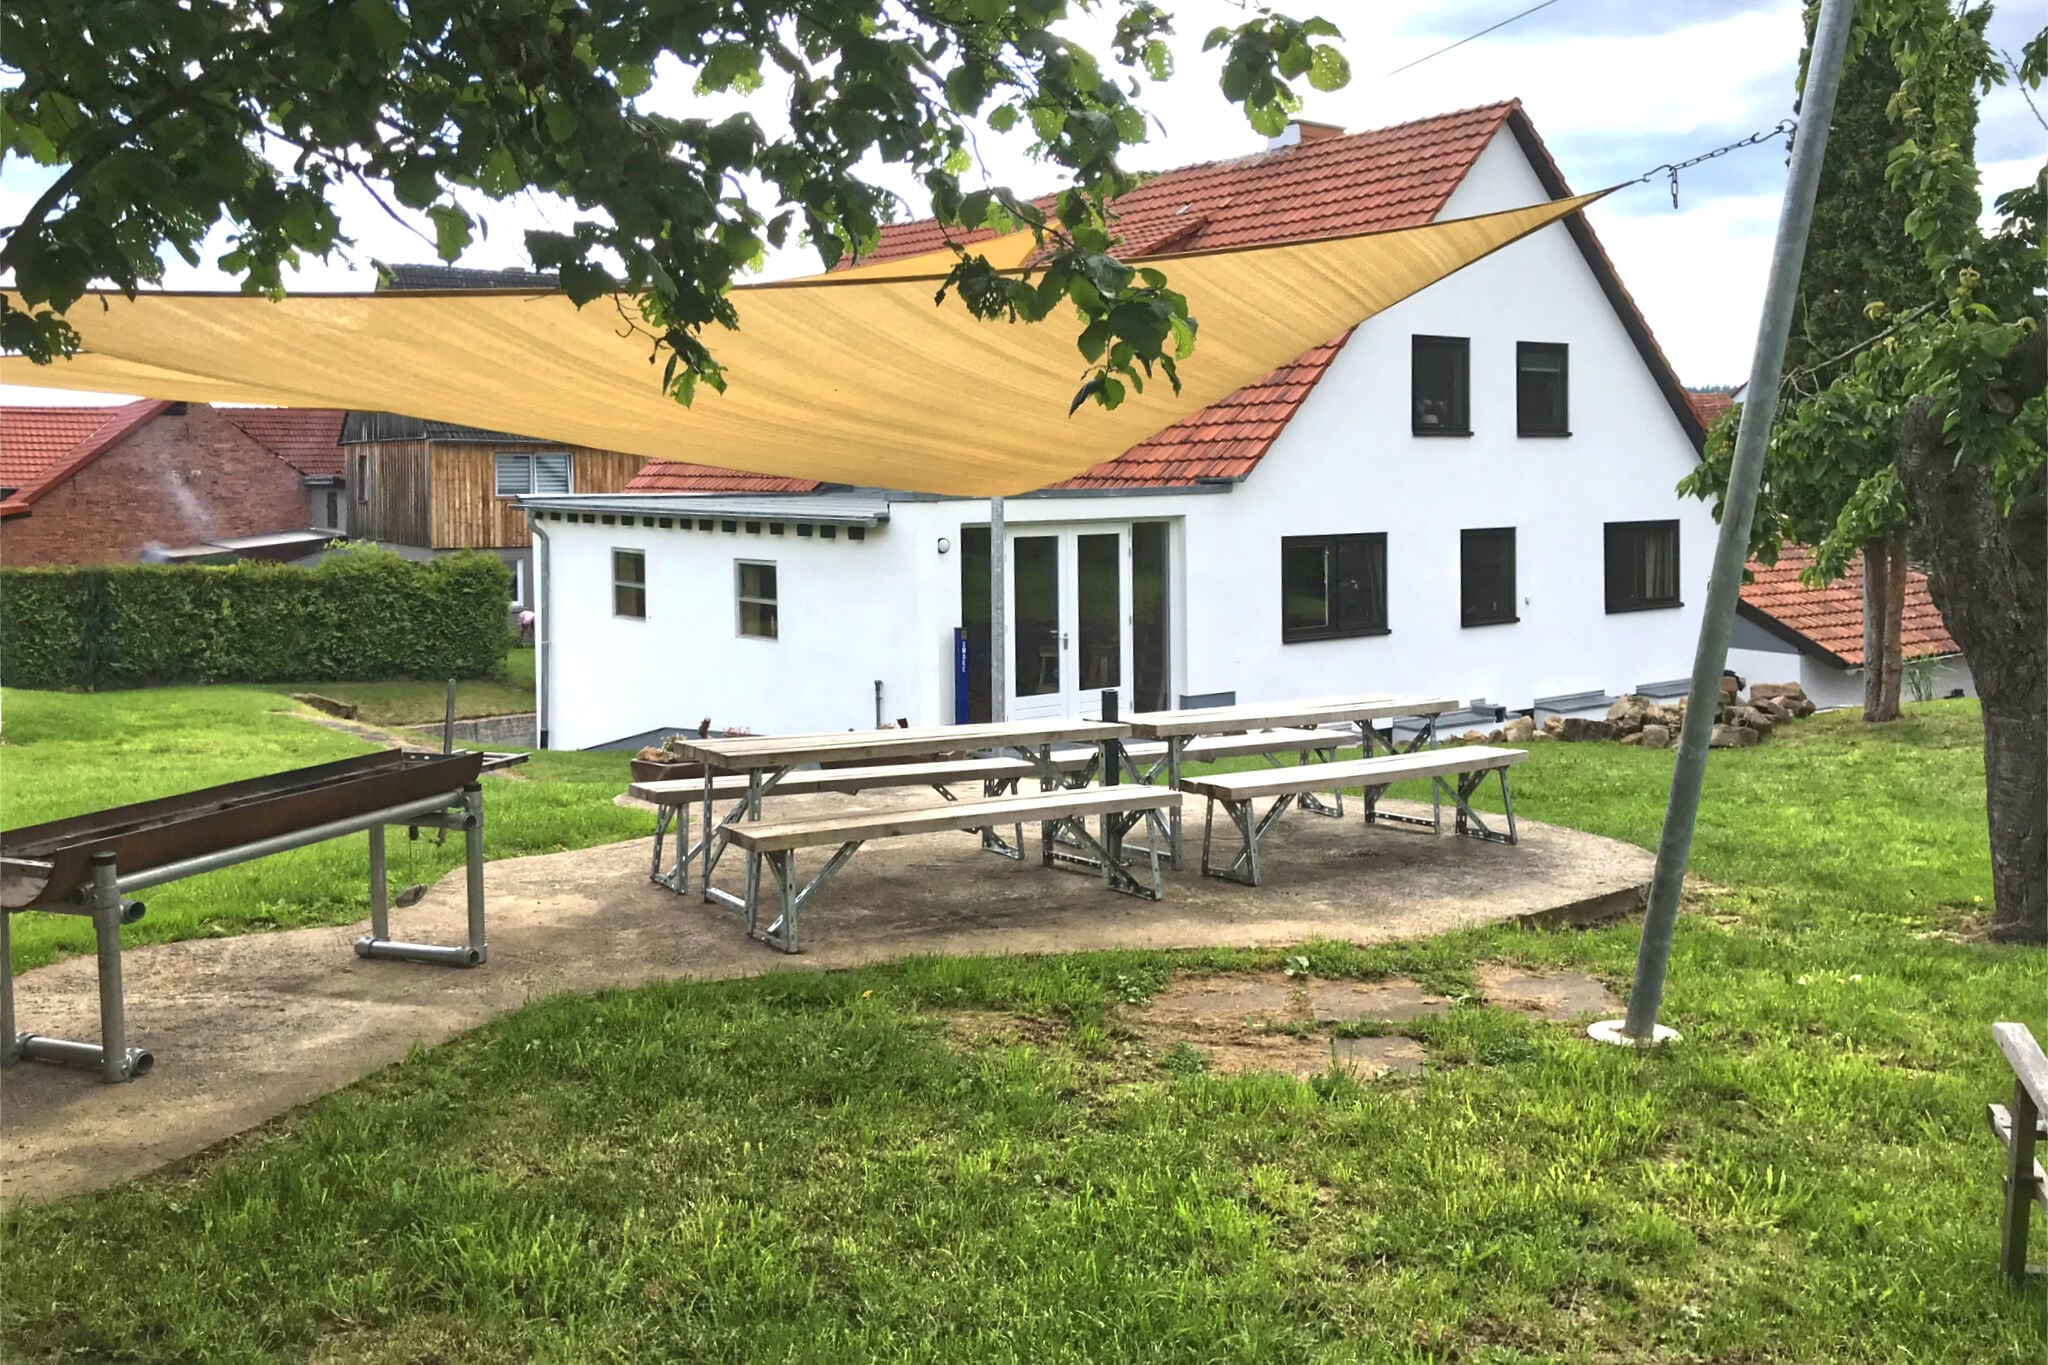 Altenstädt